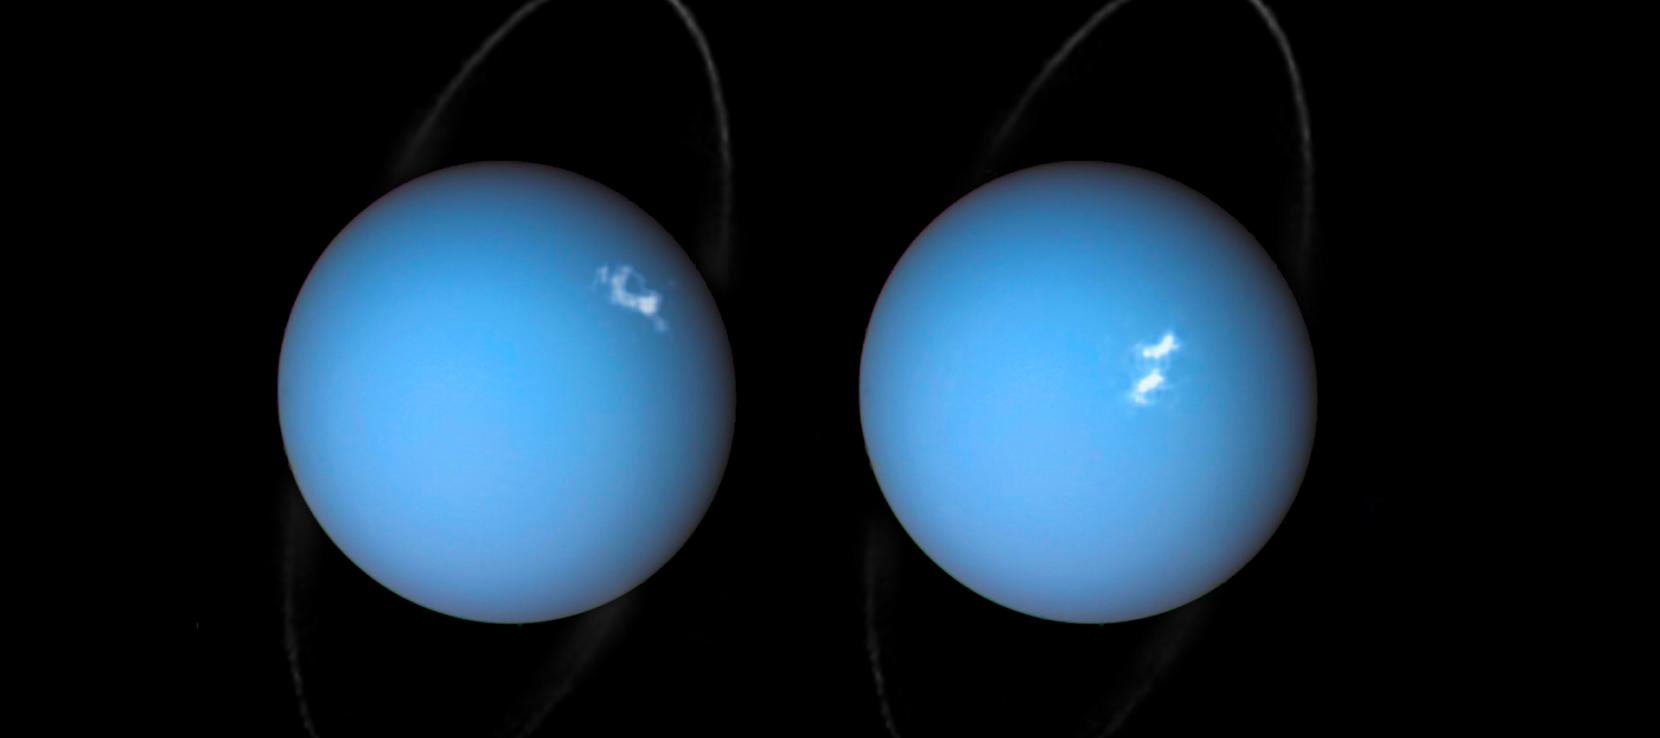 Uranus pôles magnétiques